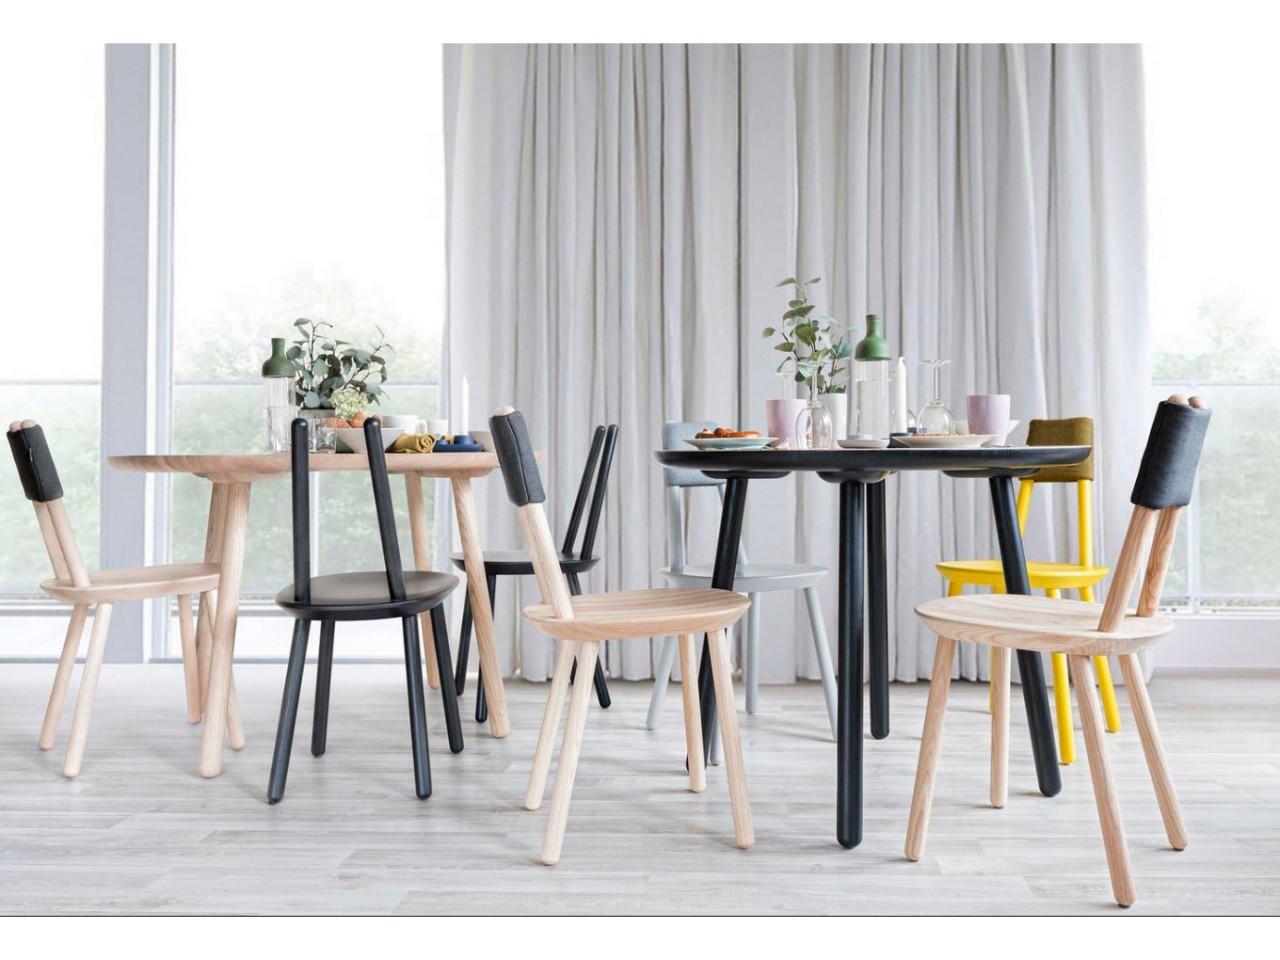 Design Stuhl Naïve - EMKO